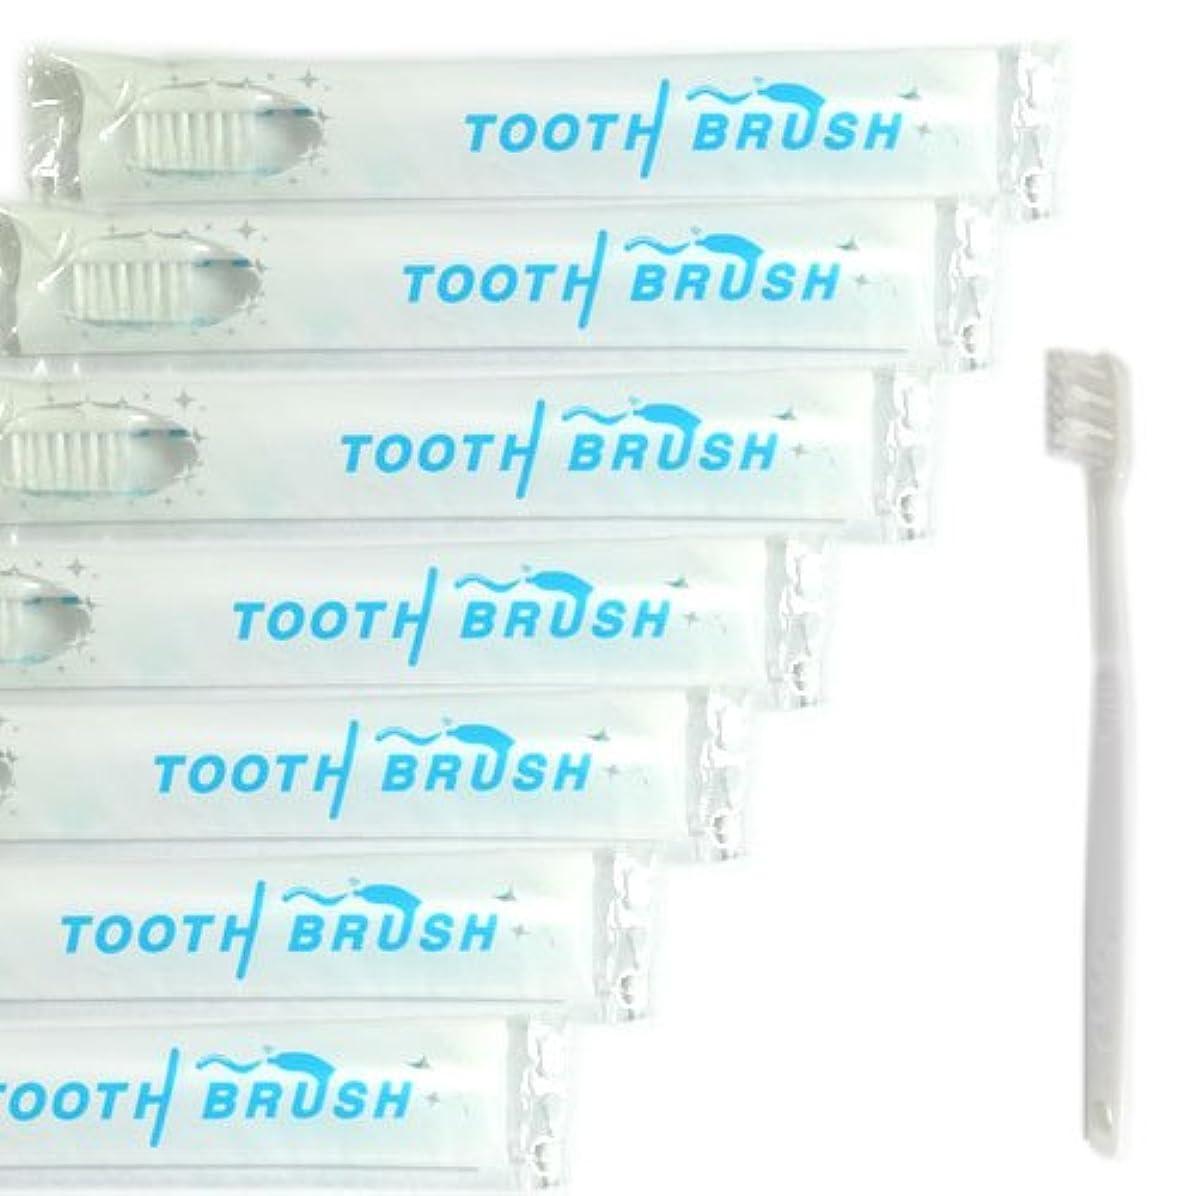 法律外出ミンチ業務用 使い捨て(インスタント) 粉付き歯ブラシ(500本組)